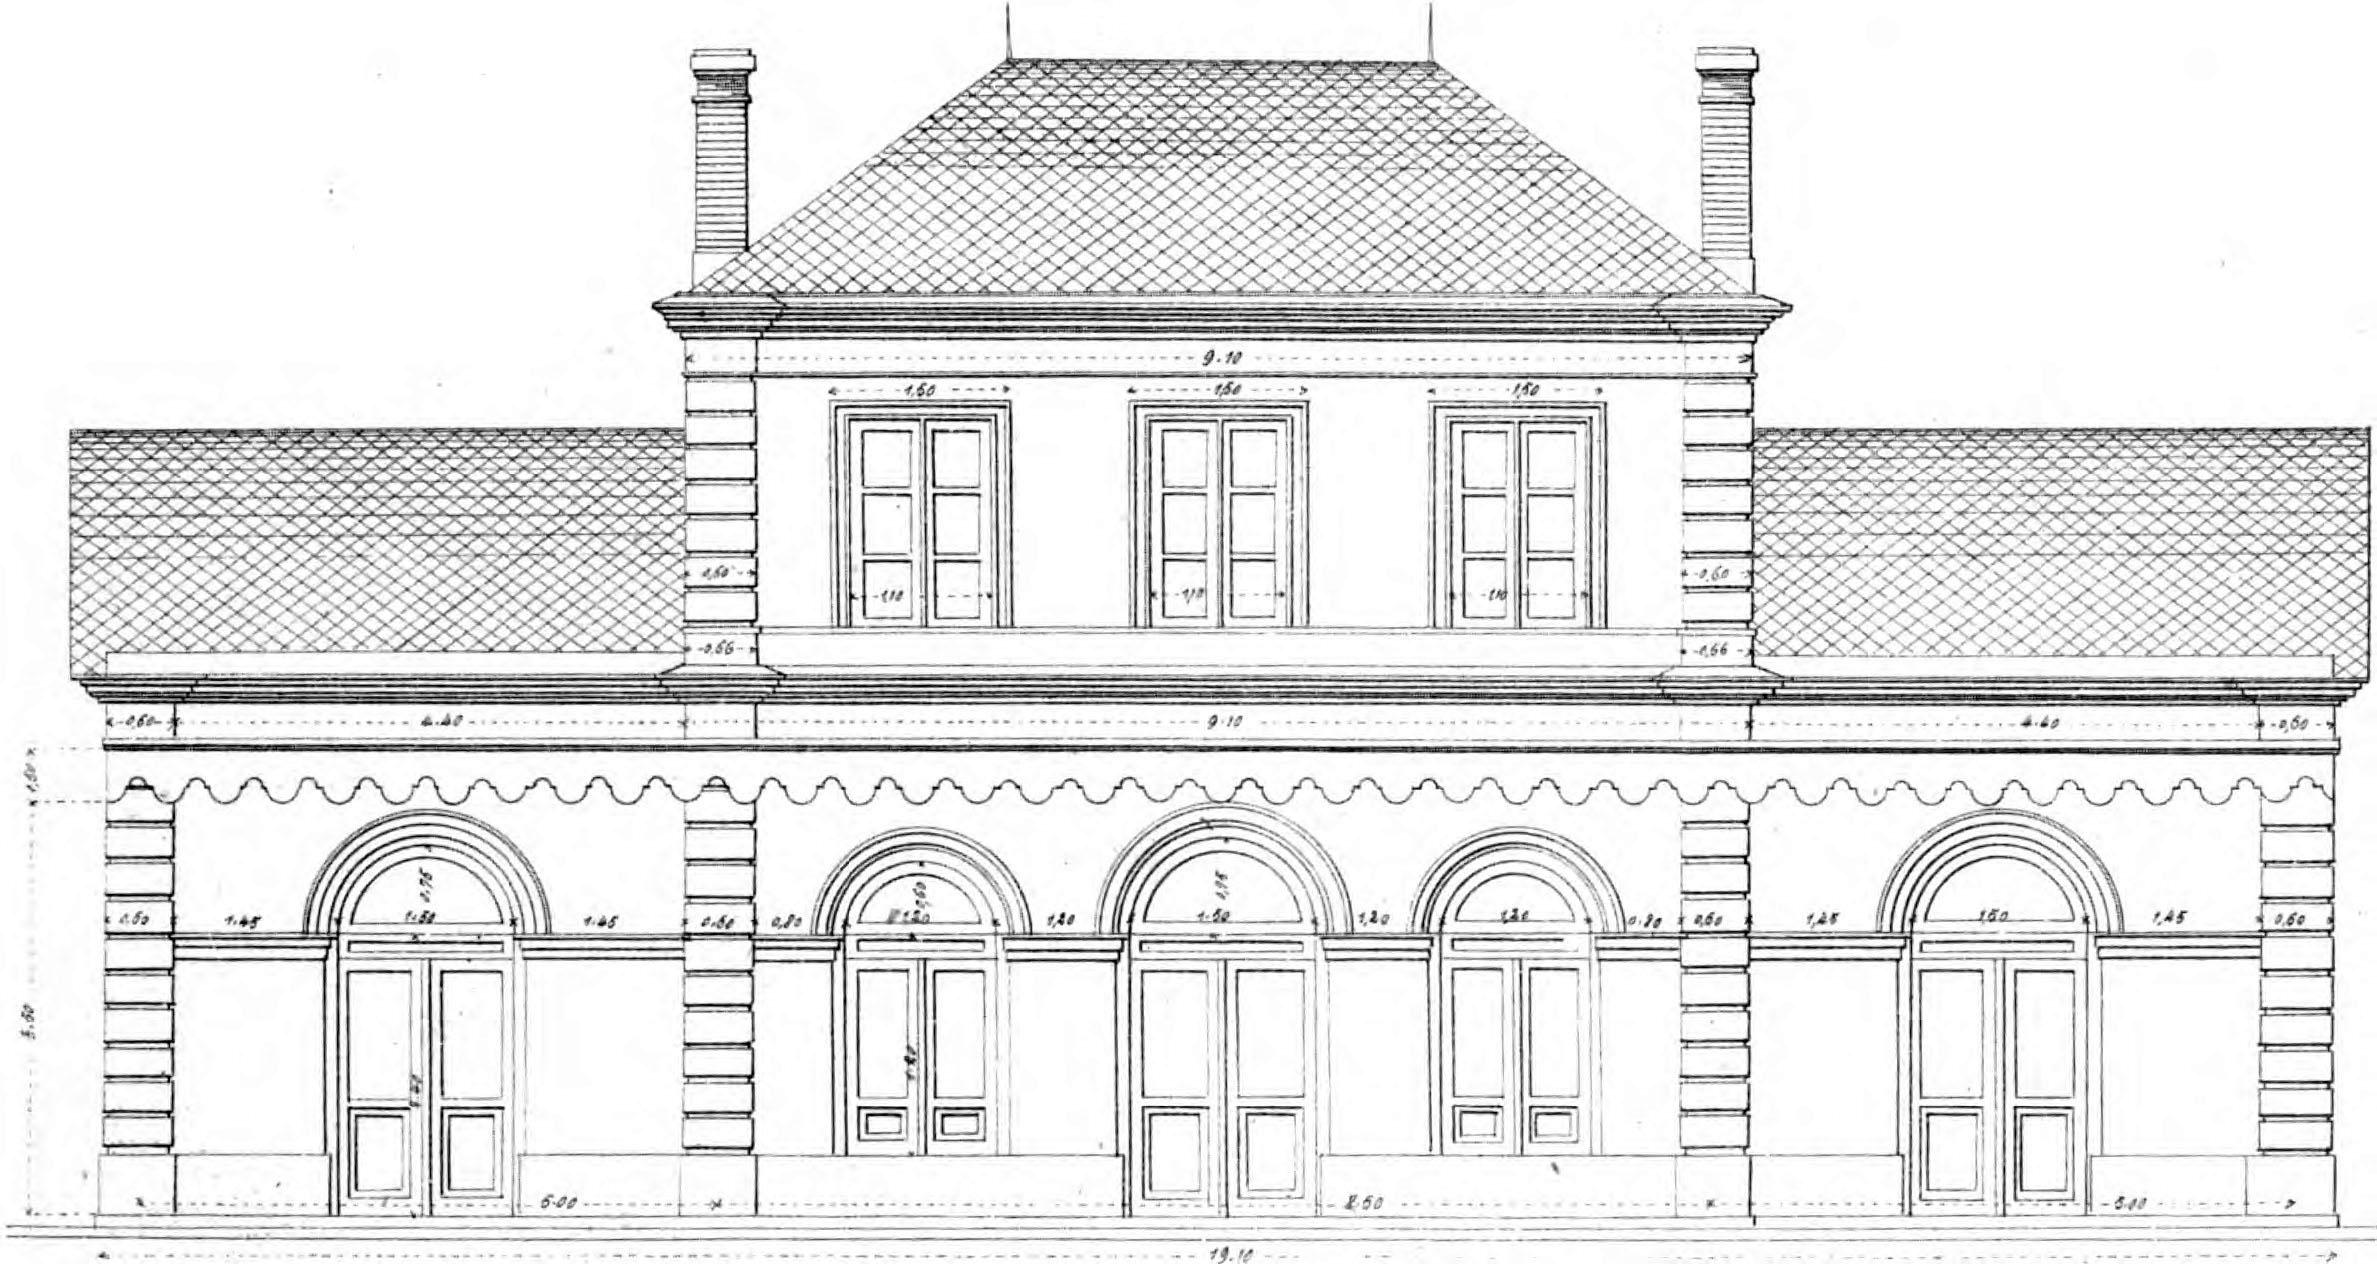 Dessin Facade Maison Logiciel Plan Facade Maison Gratuit